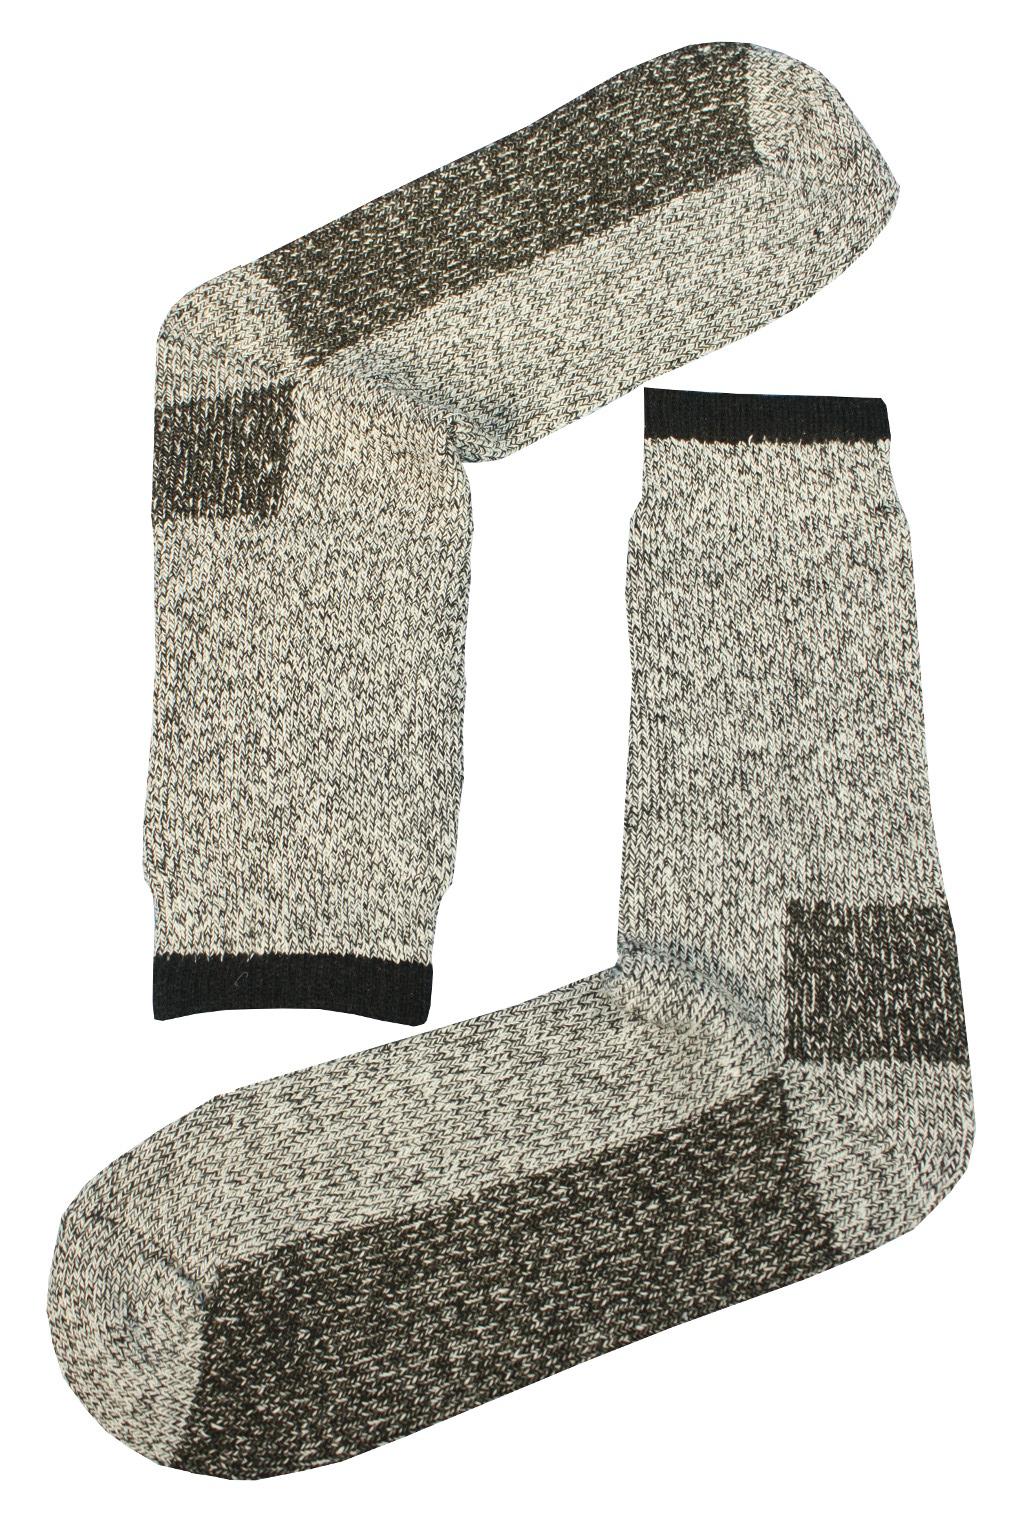 Teplé vlněné ponožky Thermo 39-42 světle šedá